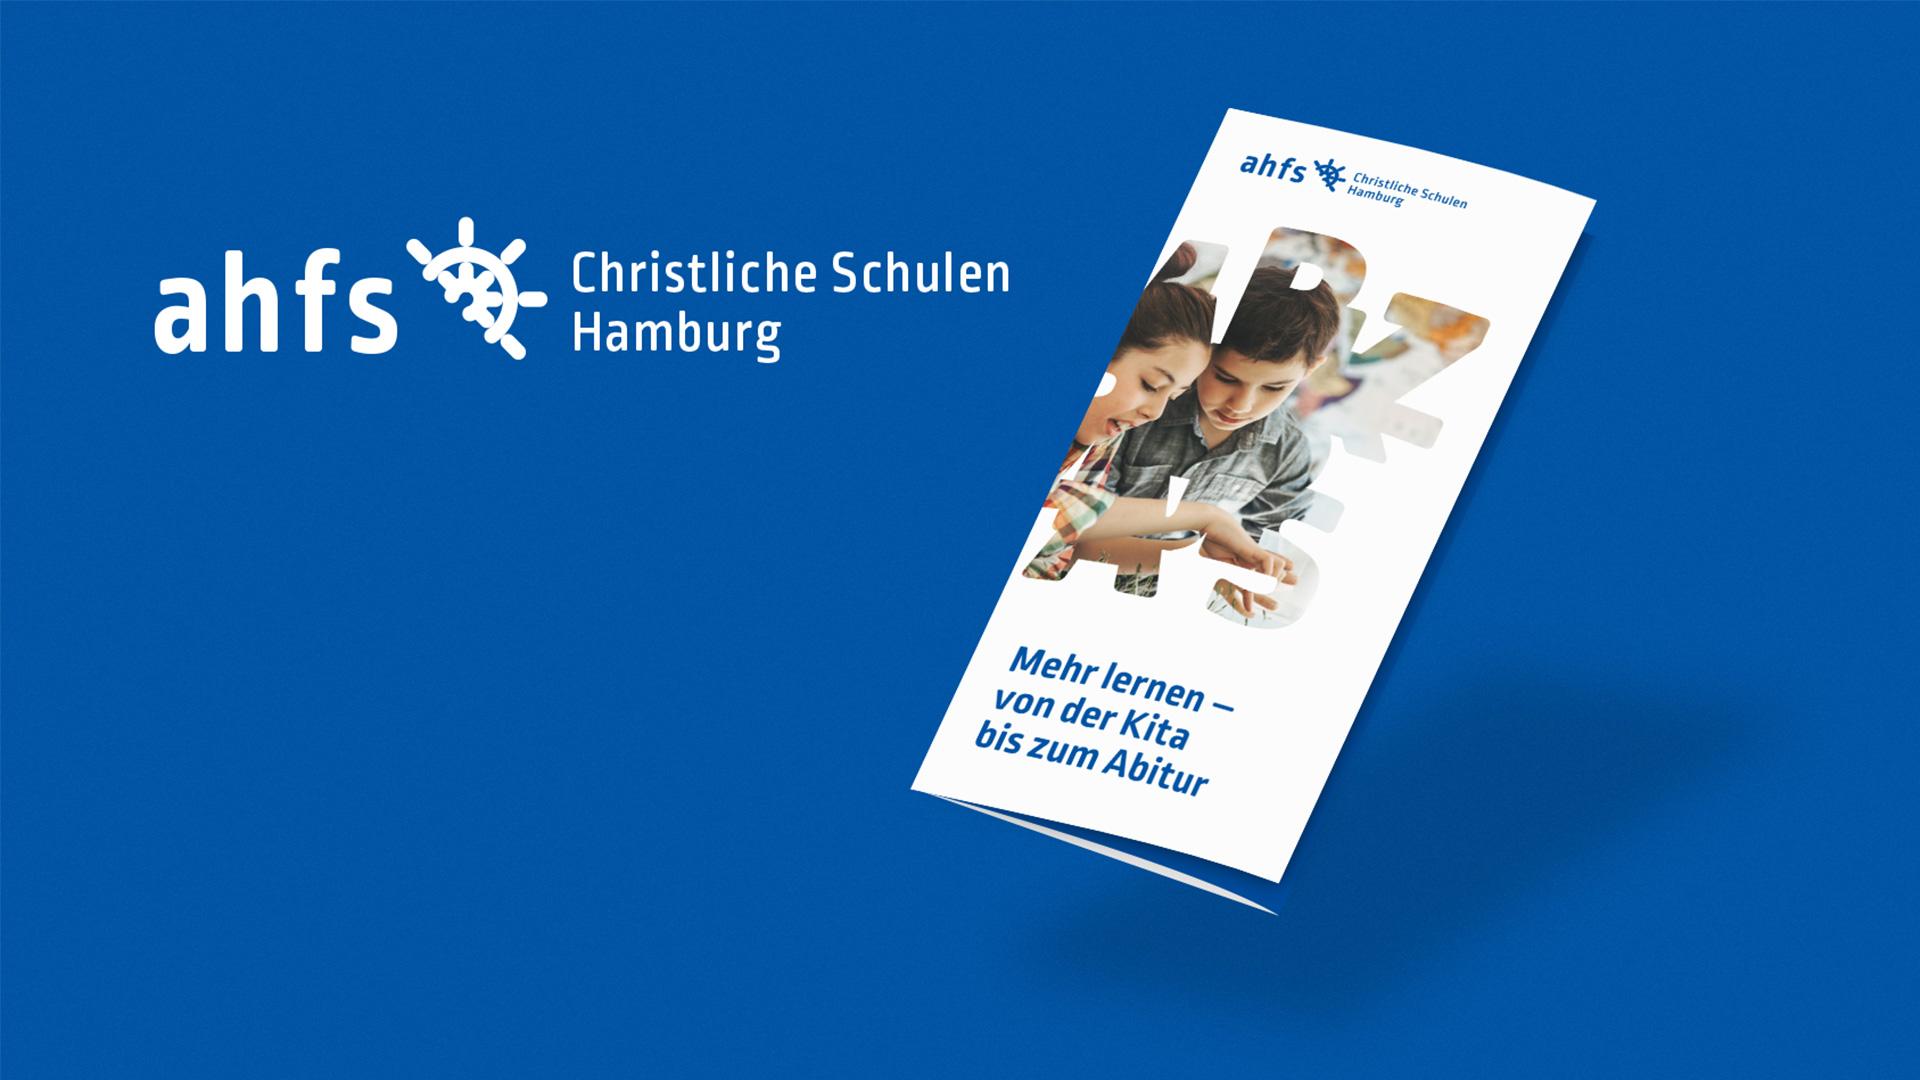 ahfs Flyer ©gobasil ~ Agentur für Kommunikation, Hamburg Hannover